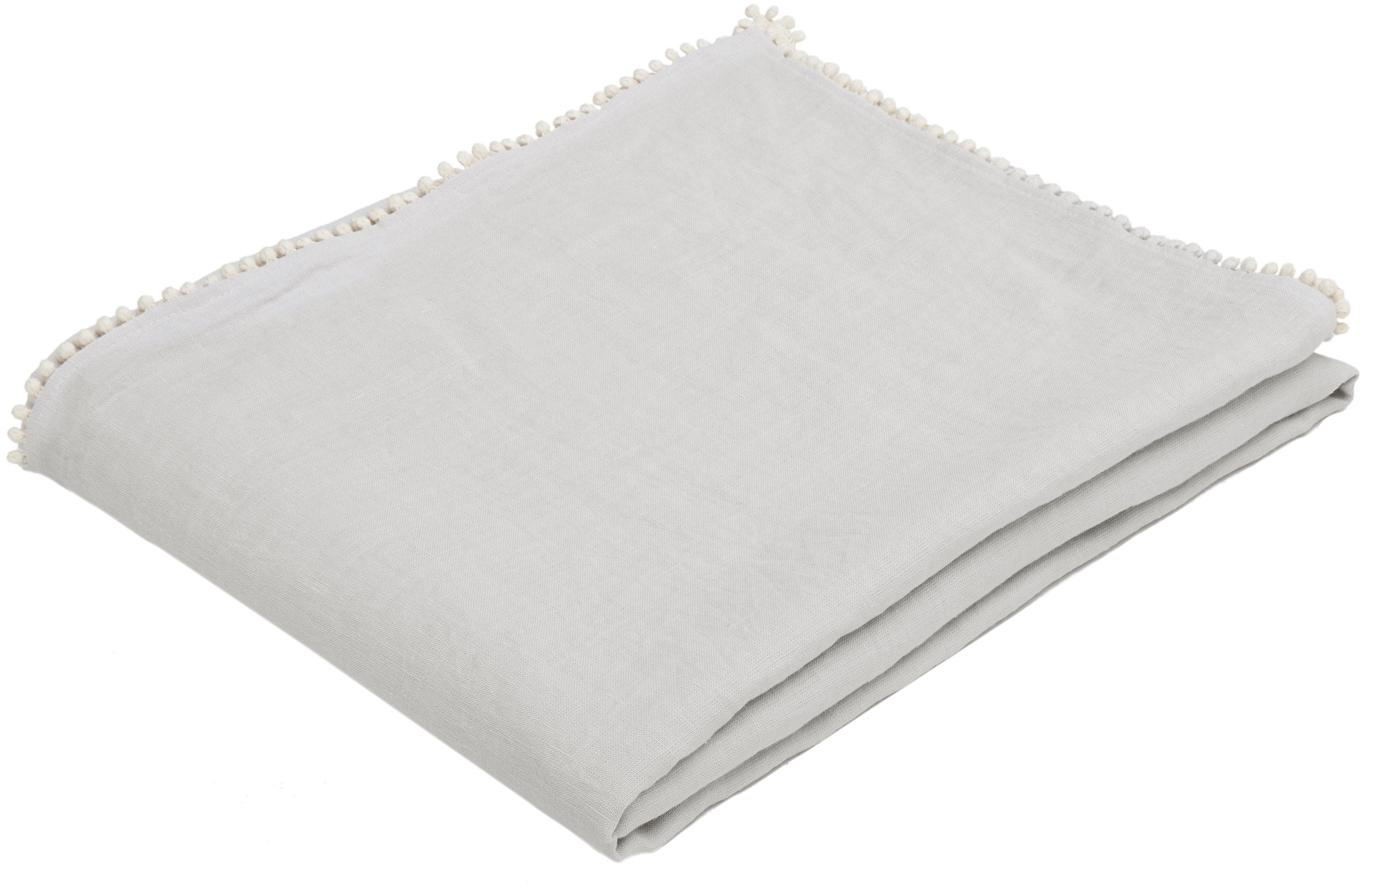 Tovaglia in lino Pom Pom, Lino, Grigio chiaro, Per 6-8 persone (Larg. 150 x Lung. 250 cm)